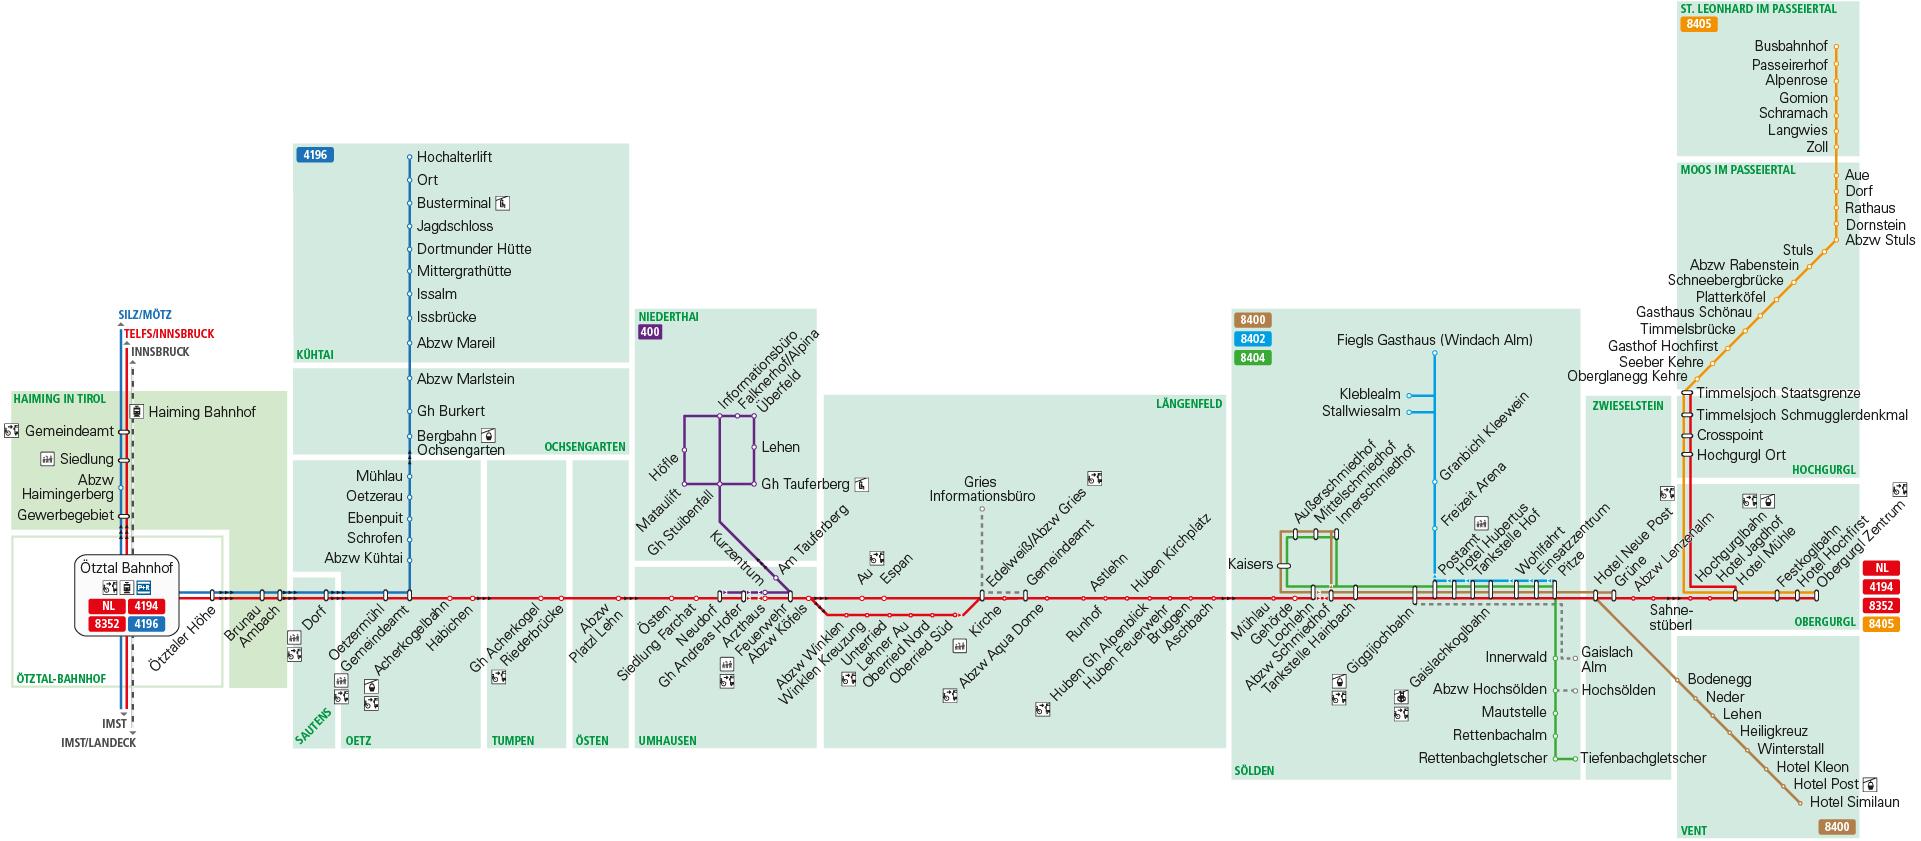 Liniennetzplan_Sommer-02